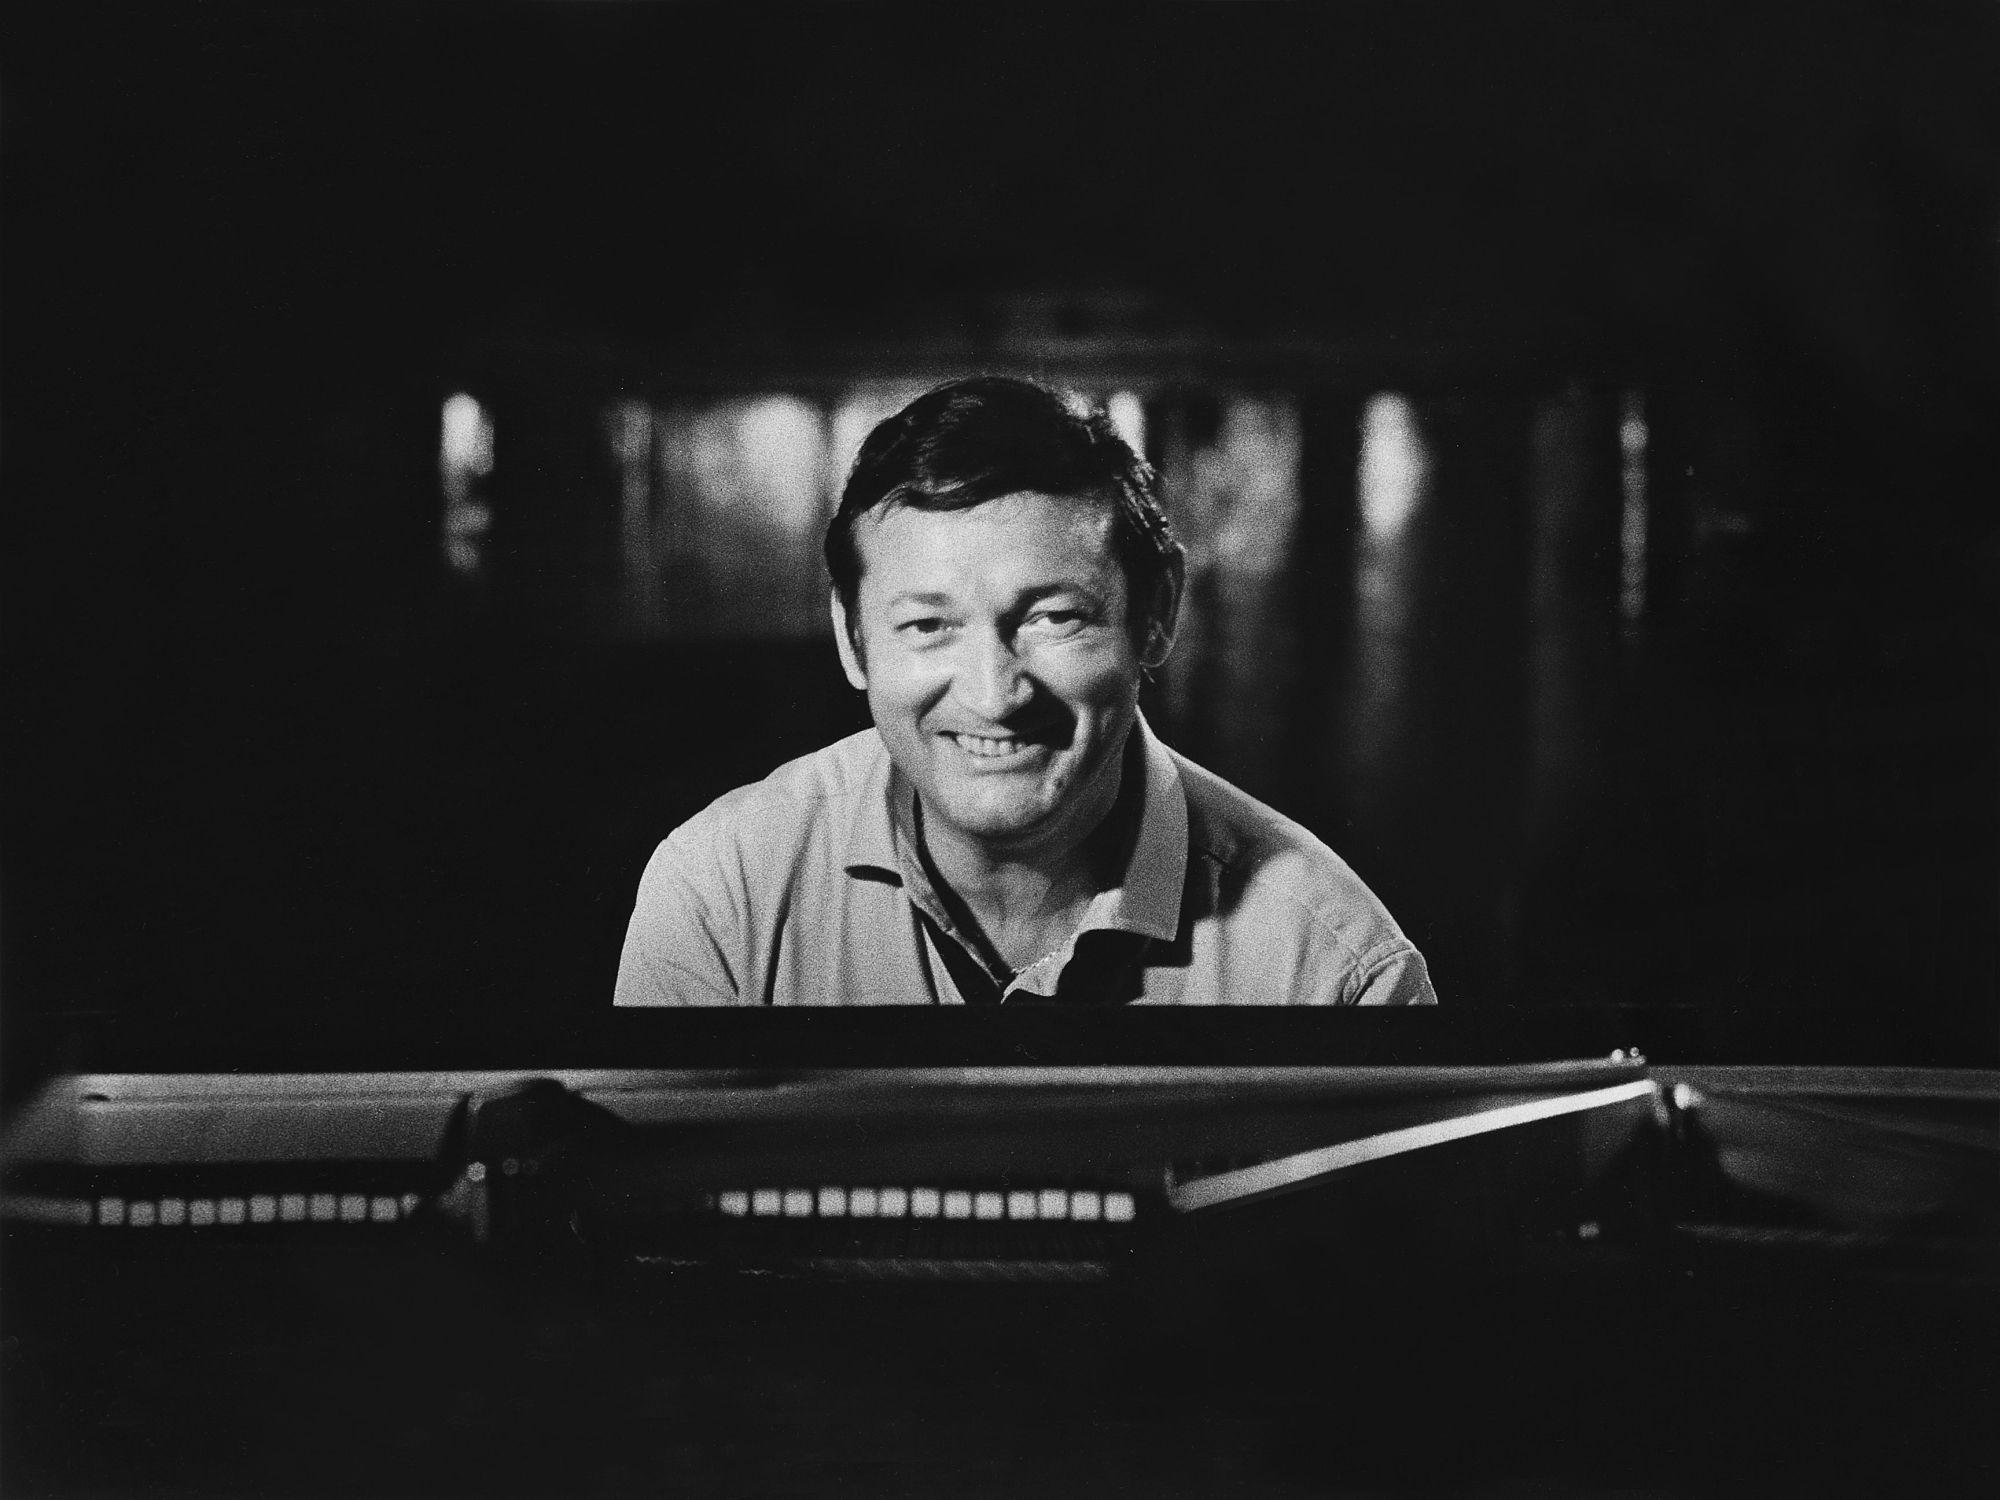 Világhírű zenekarral és Eötvös Péter-ősbemutatóval ünneplik Cziffra György születésének centenáriumát a Müpában